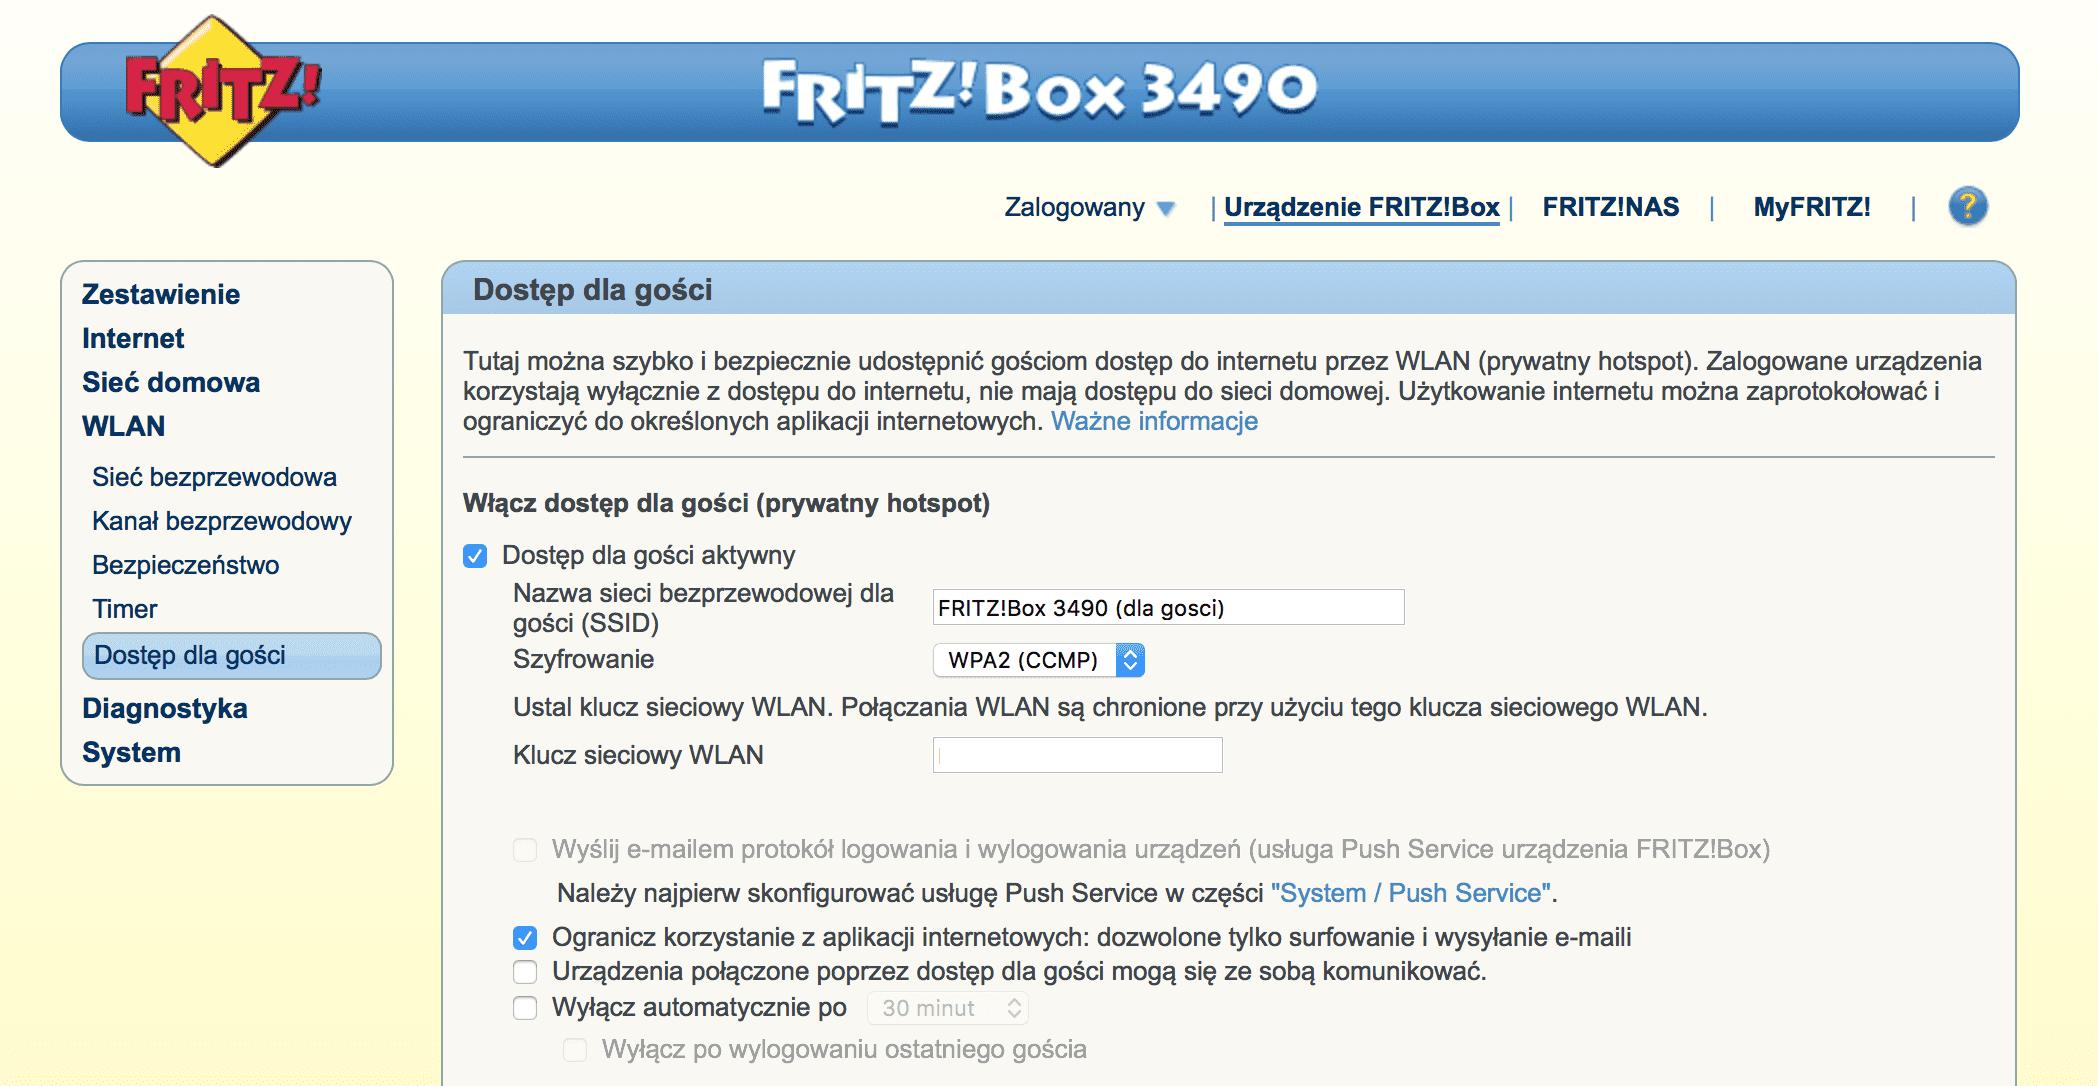 FRITZ!Box 3490 - mega szybki router ADSL/VDSL z Wi-Fi AC recenzje, polecane zalety, wady, router FRITZ!Box 3490 c, router FRITZ!Box 3490, recenzja FRITZ!Box 3490, polska recenzja, konfiguracja FRITZ!Box 3490, FRITZ!Box 3490 i neostrada, FRITZ!Box 3490, czy warto kupić FRITZ!Box 3490, cena FRITZ!Box 3490, AVM  FRITZ!Box 3490 to router niemieckiej firmy AVM. Jestem w jego posiadaniu od ponad czterech tygodni i poniżej chciałbym się podzielić z Wami informacjami na temat tego właśnie routera. Zrzut ekranu 2016 02 08 o 17.11.56